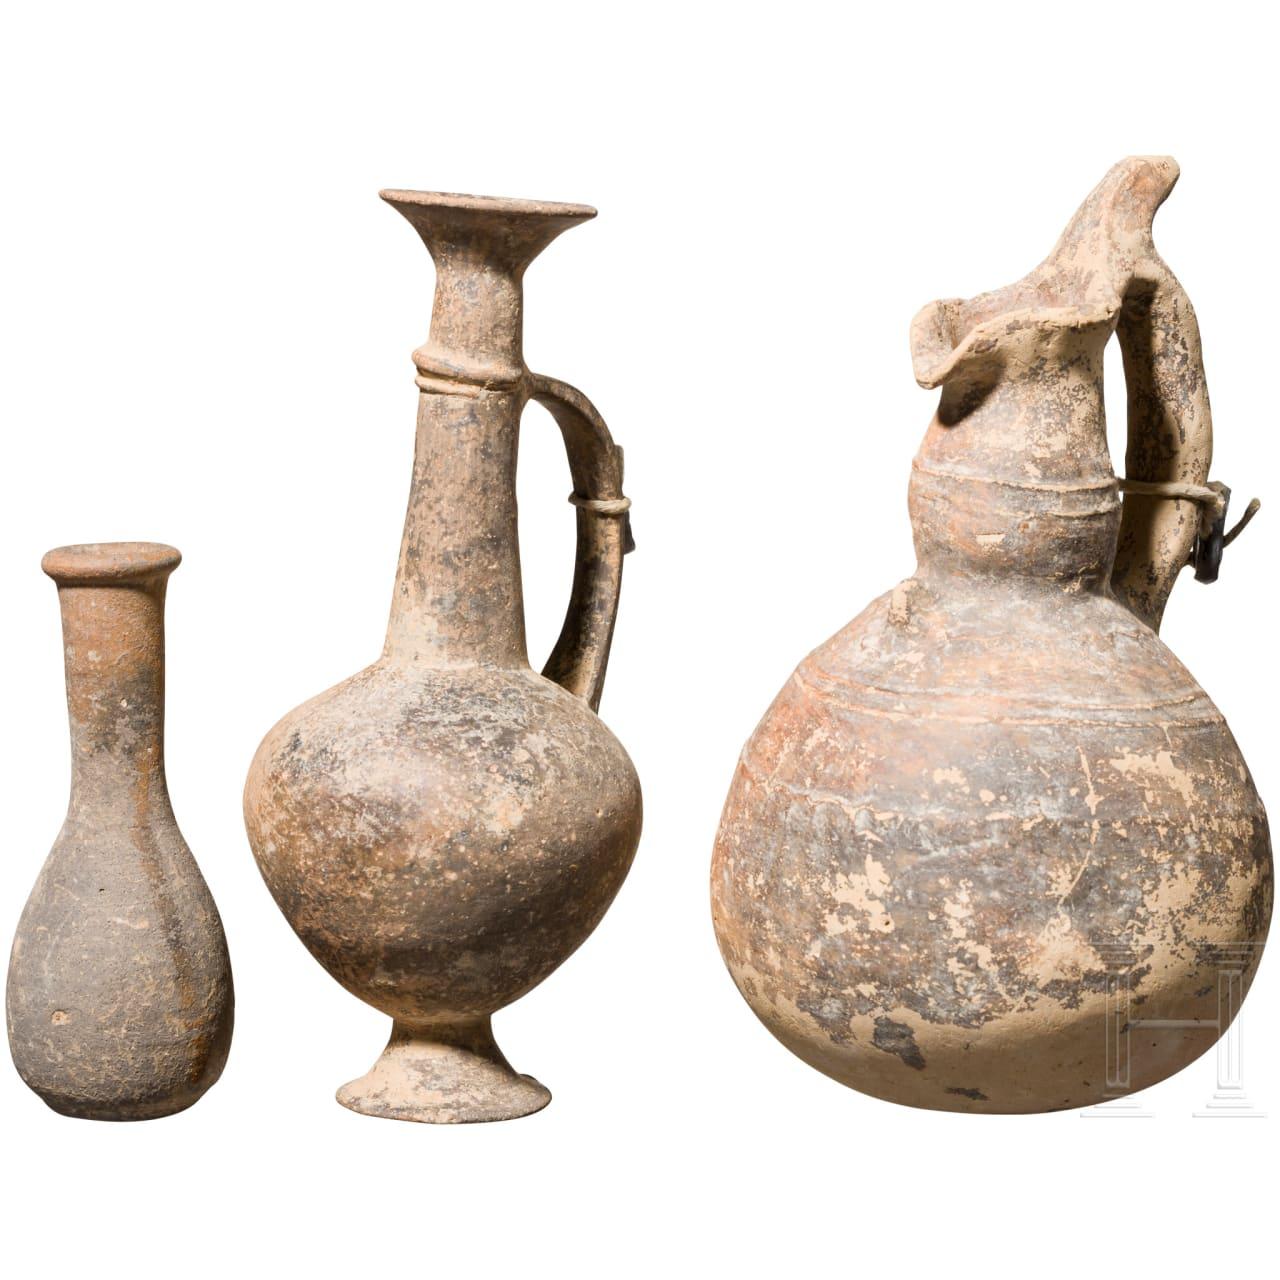 Eine Kanne und zwei Parfümfläschchen, Zypern, Bronzezeit bis römisch